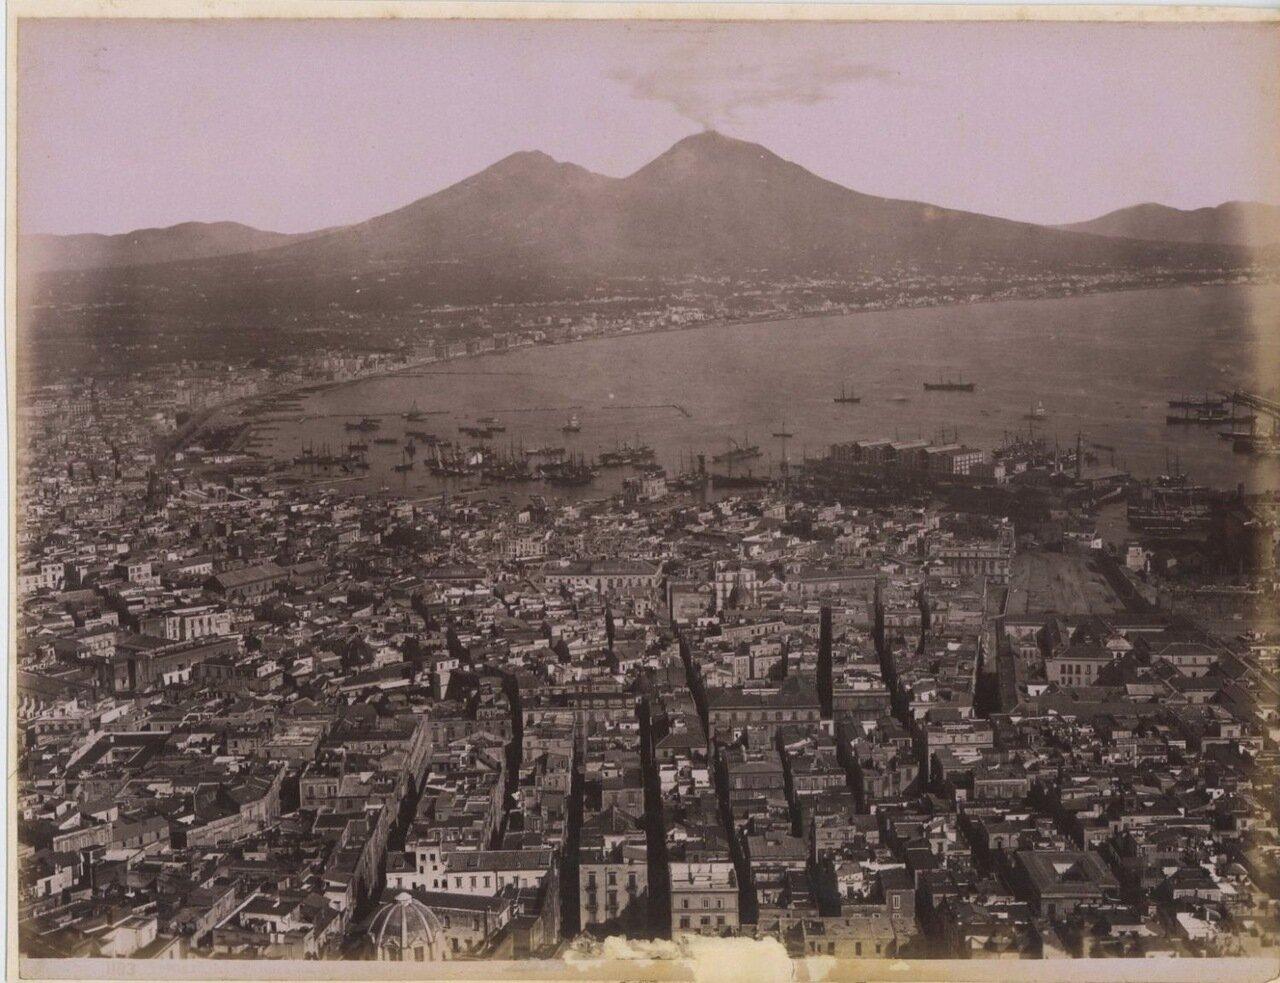 1880. Панорама города с видом Везувия